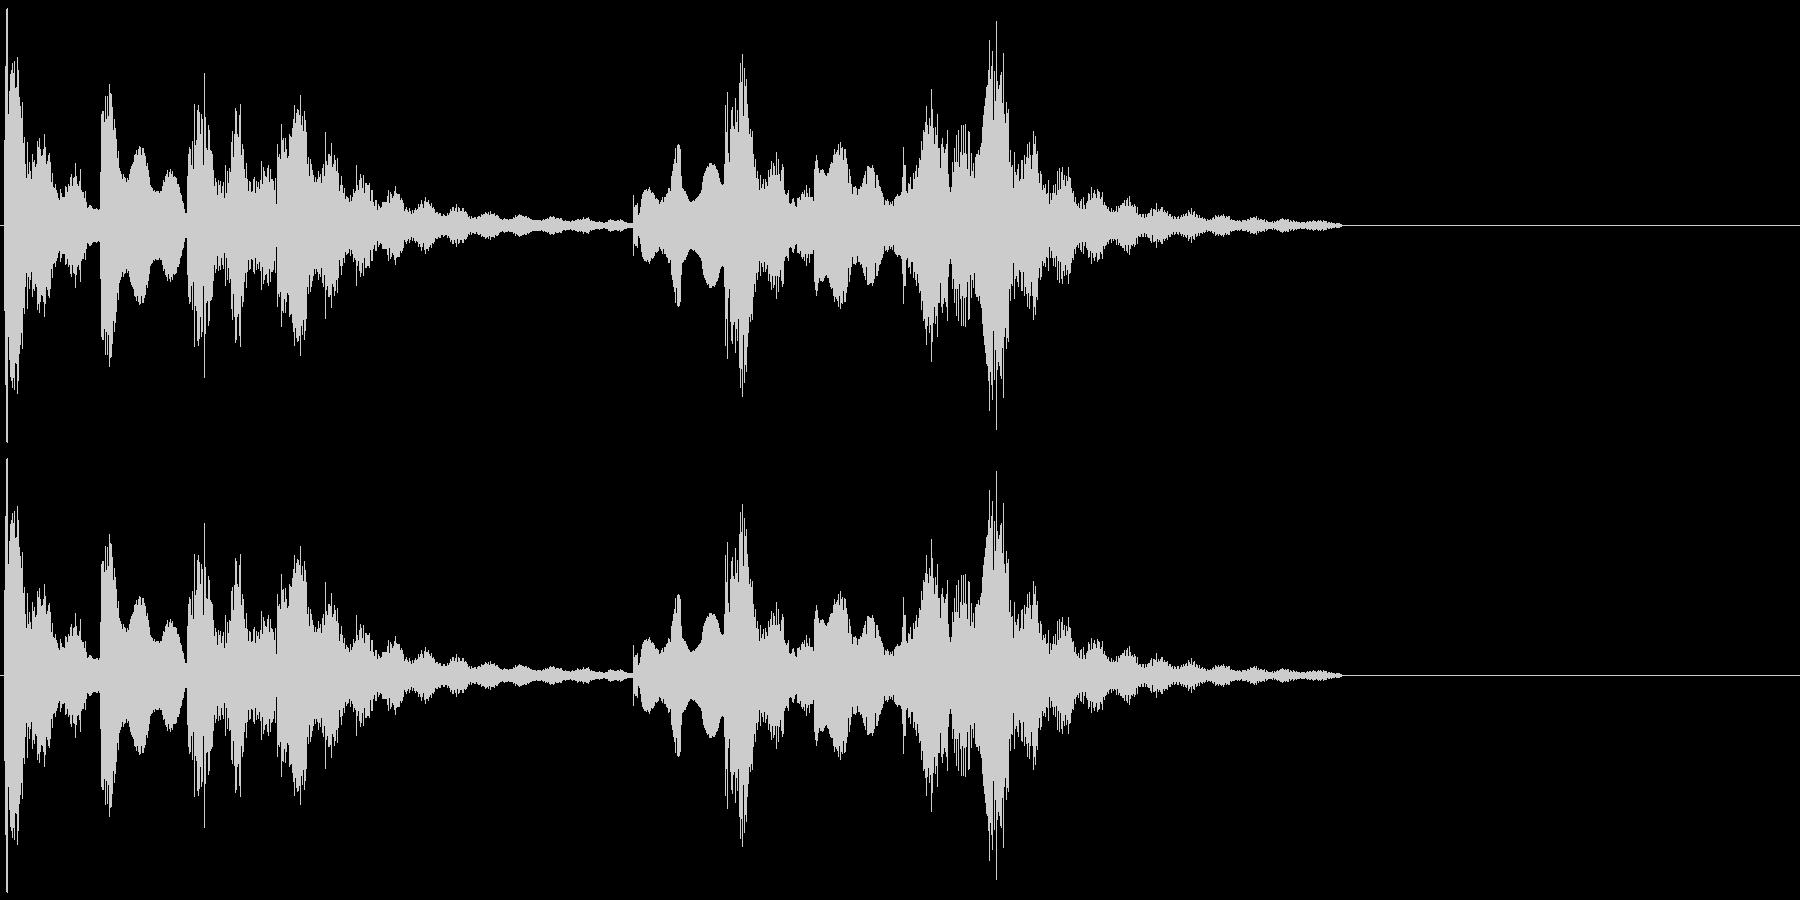 大人な雰囲気のジングル向けBGMの未再生の波形